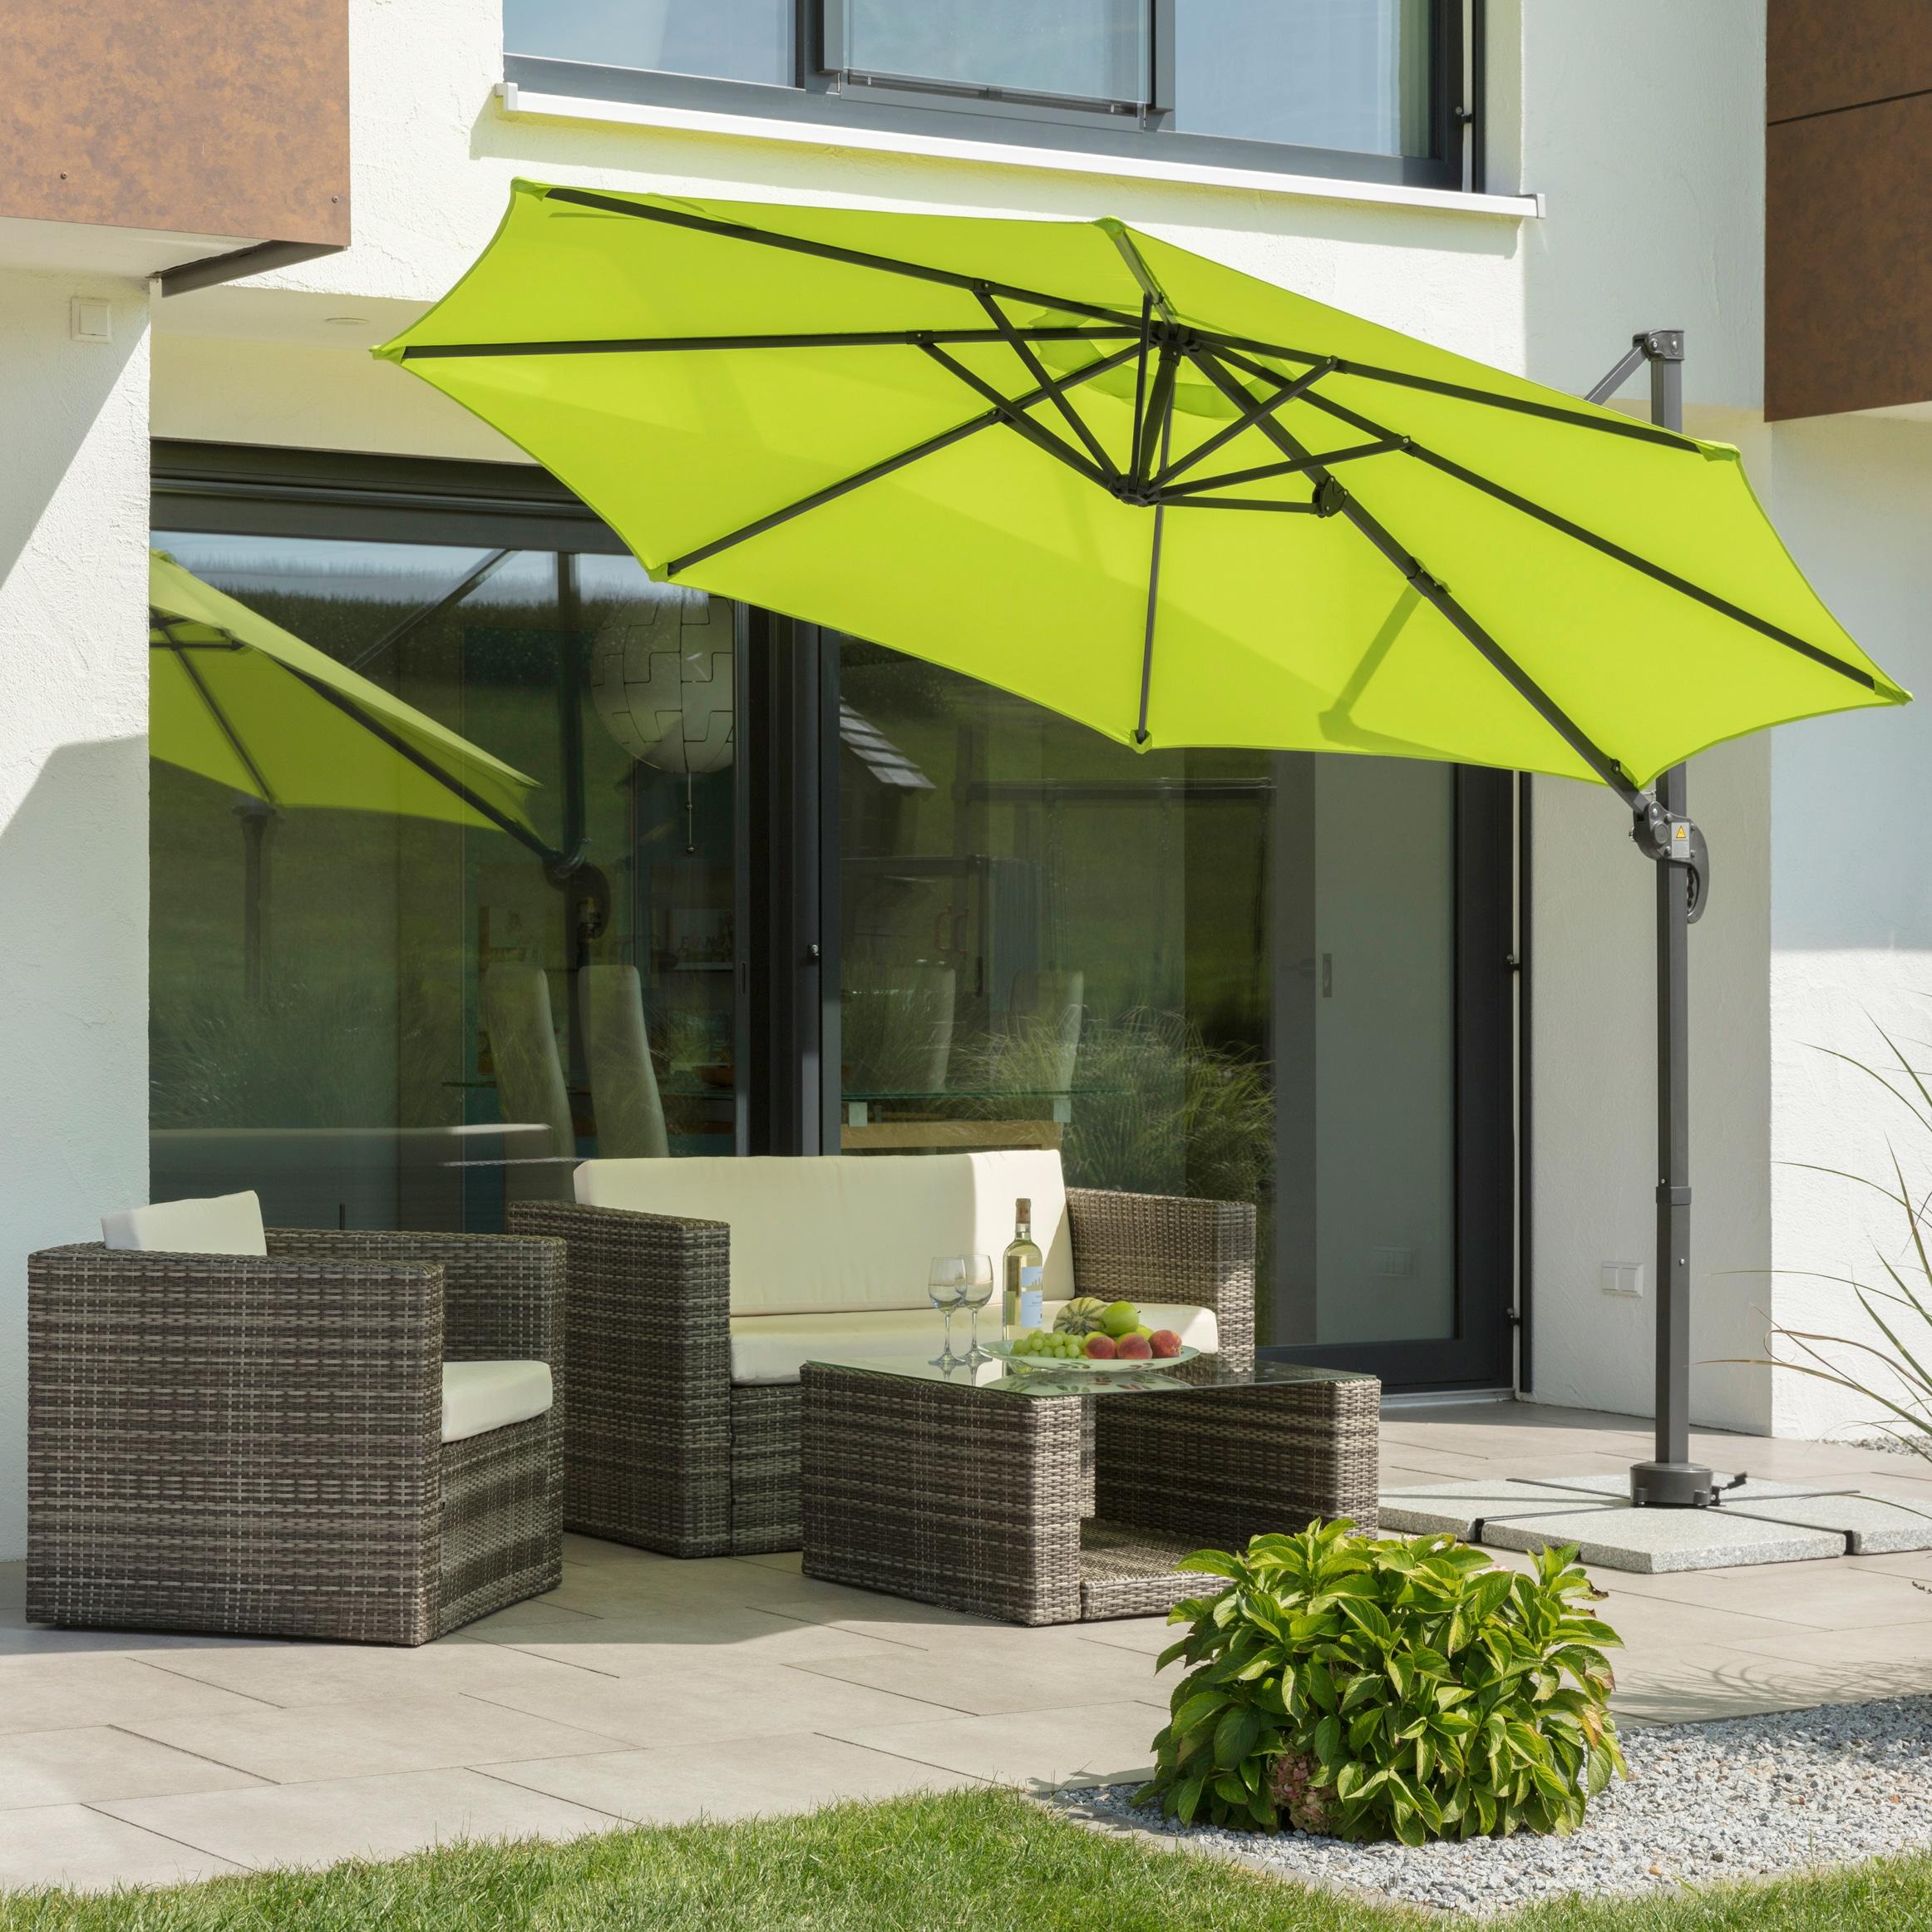 SCHNEIDER SCHIRME Ampelschirm »Rhodos Junior«   Garten > Sonnenschirme und Markisen > Sonnenschirme   Schneider Schirme